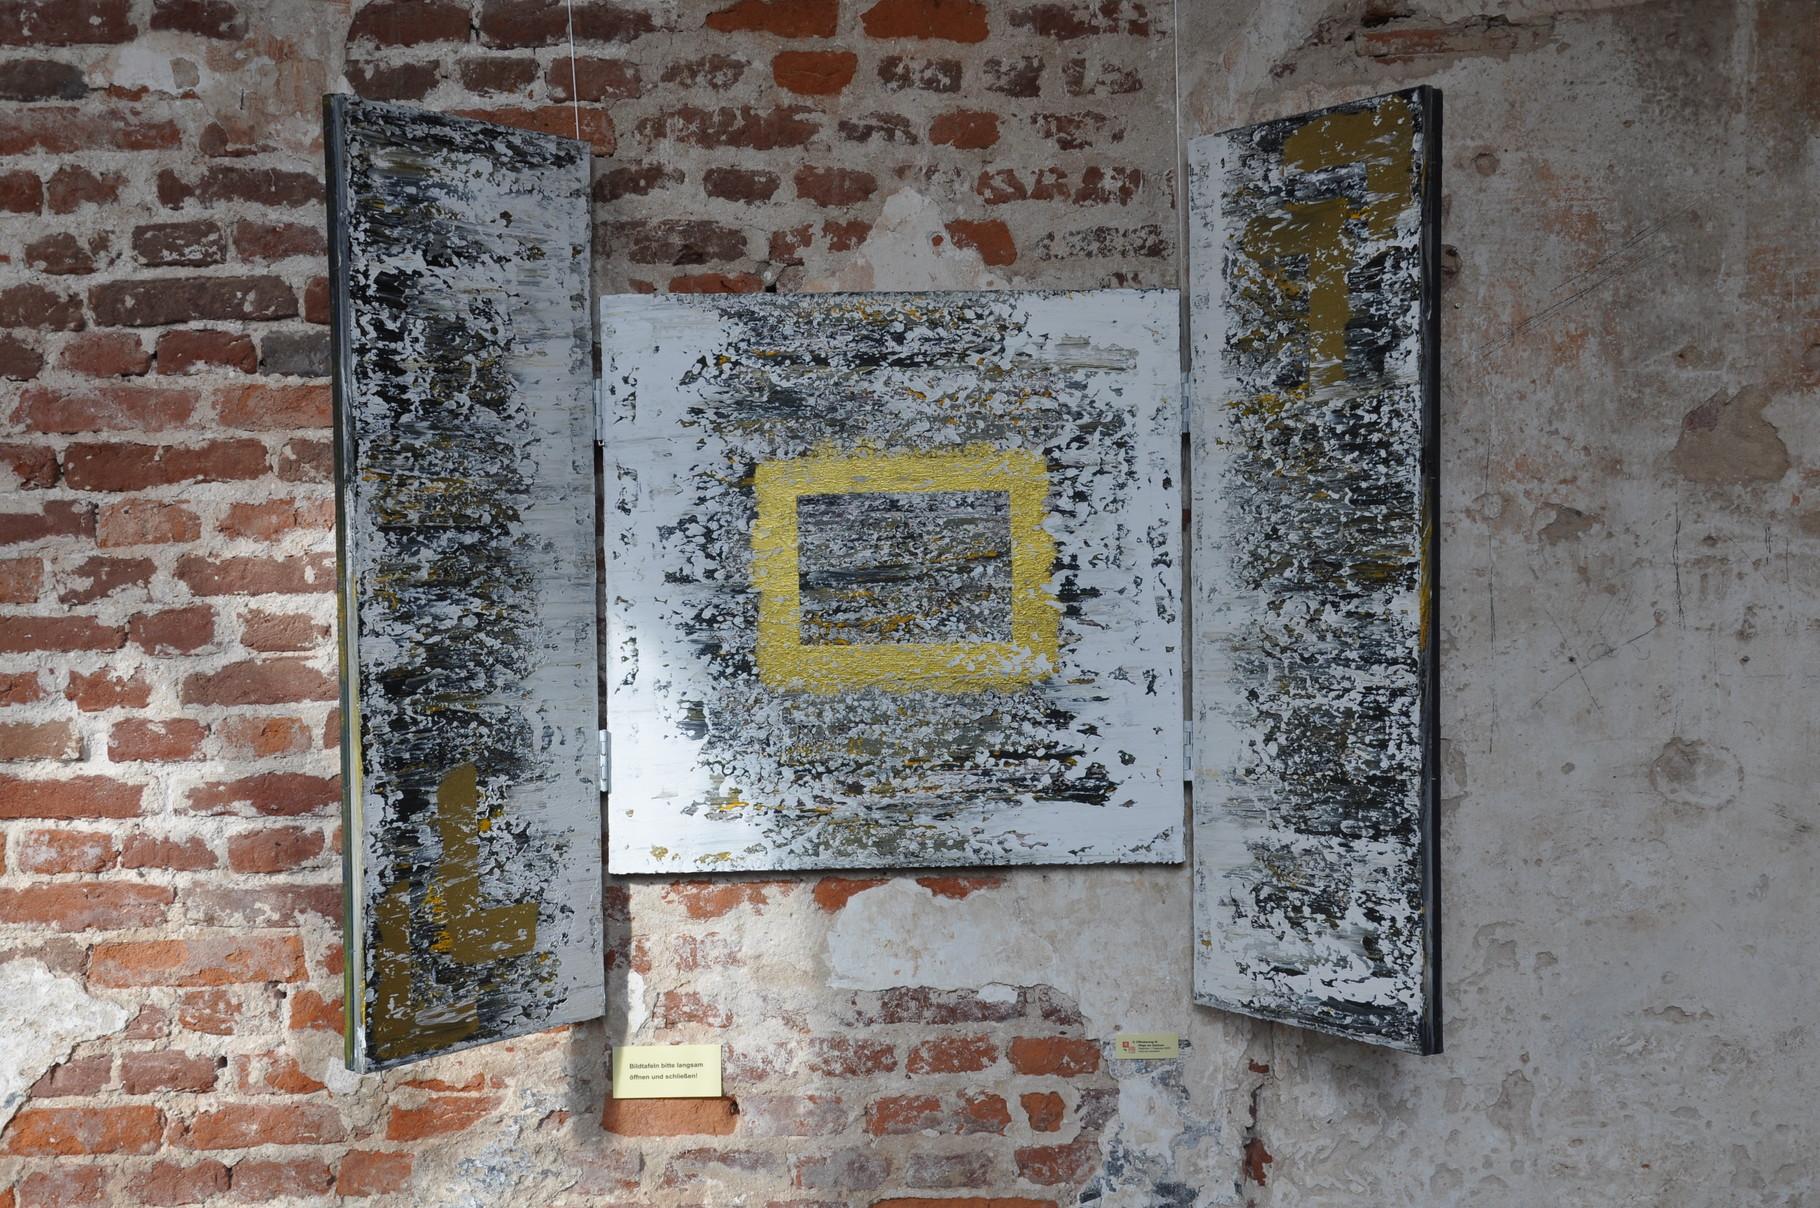 Offenbarung III: Wege ins Zentrum (Triptychon / innen) 2009 / Acryl auf Leinwand / 120 x 80 cm